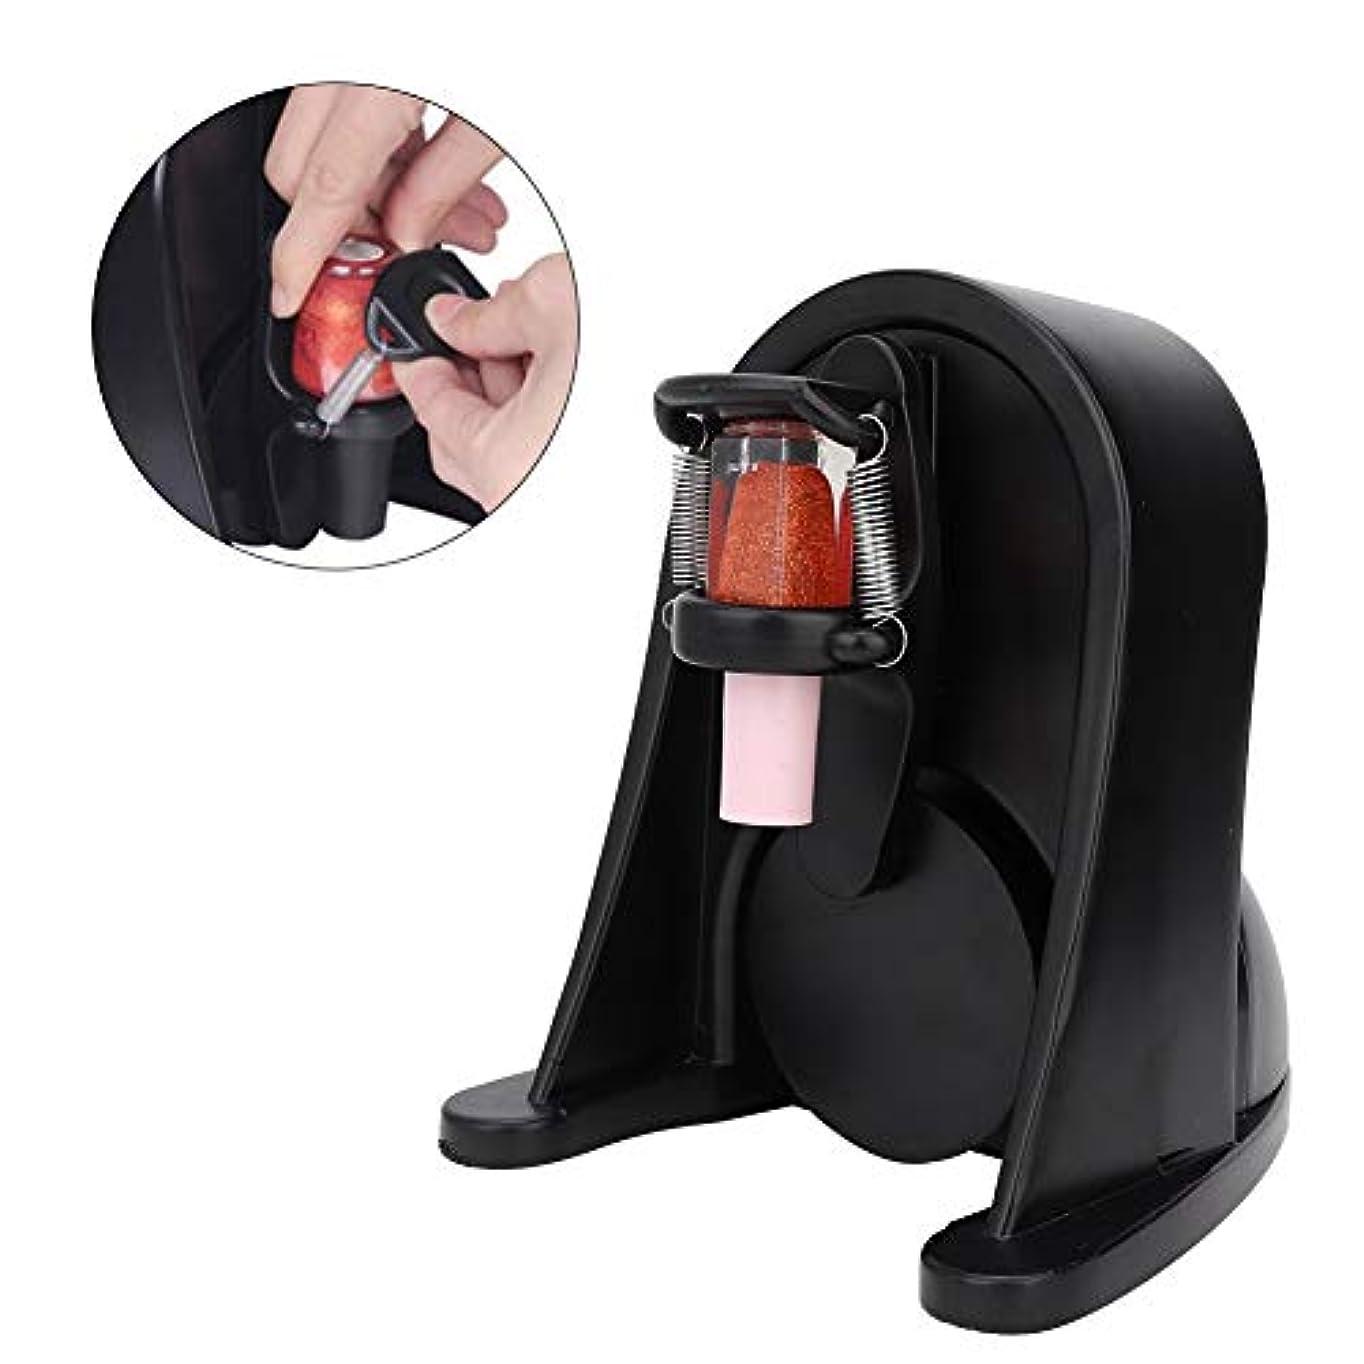 スイ酸打撃マニキュア シェーカー UVジェル液体ボトル シェーキングマシン ネイルジェル ネイルポリッシュ インク顔料調整可能ミキサー(ブラック)